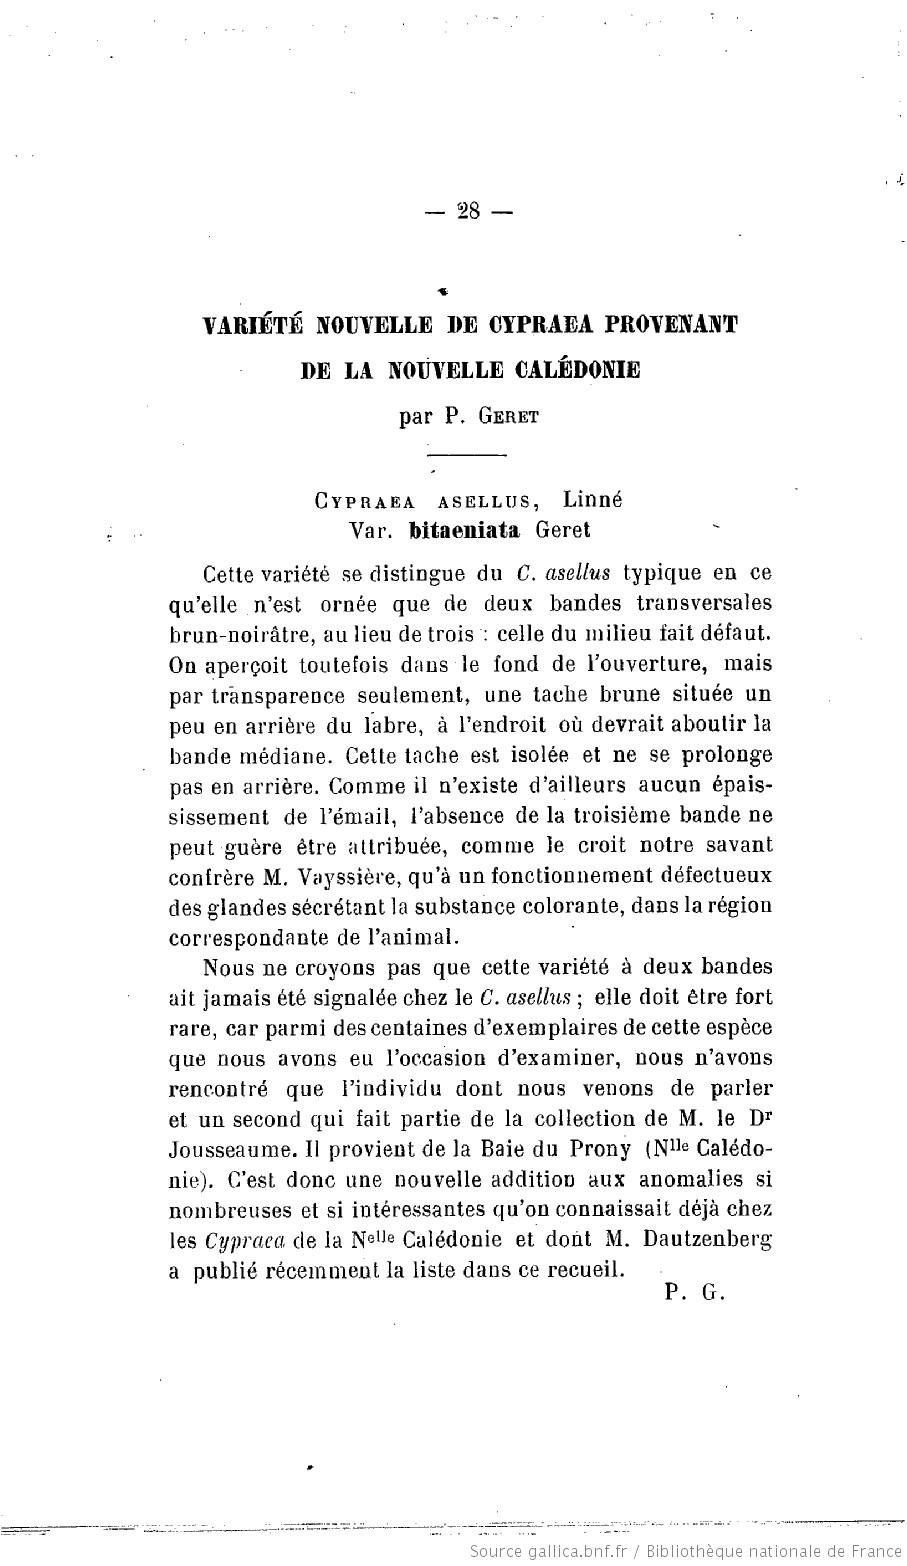 Palmadusta asellus bitaeniata - (Geret, 1903) voir Palmadusta asellus asellus - (Linnaeus, 1758) F31